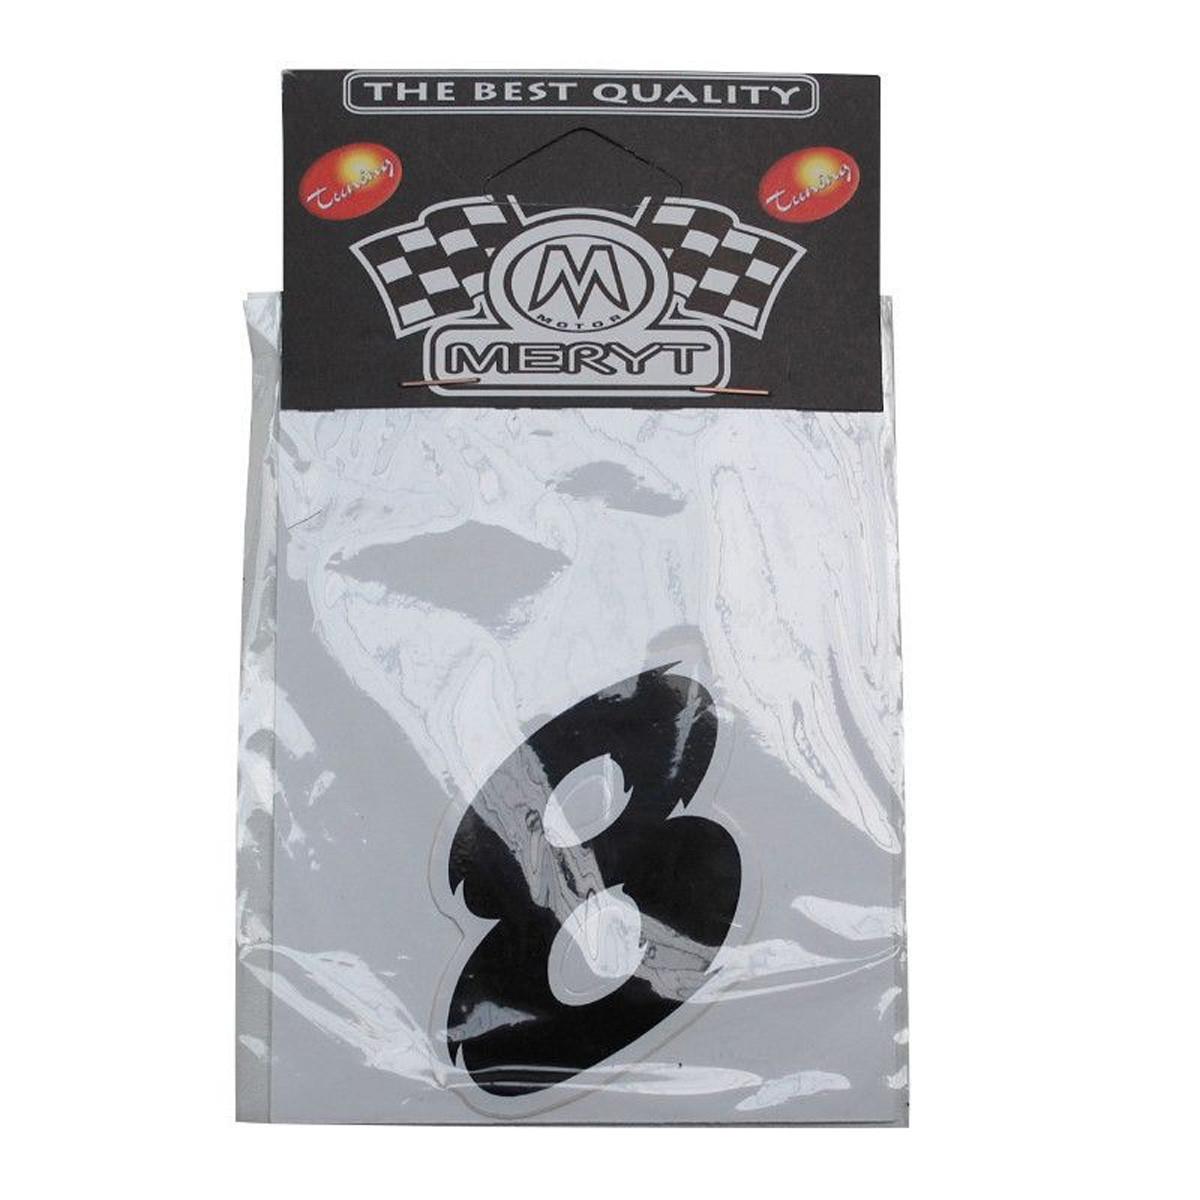 Autocollant / Sticker - MERYT - Numéro 8 - Noir- H 5.5 cm